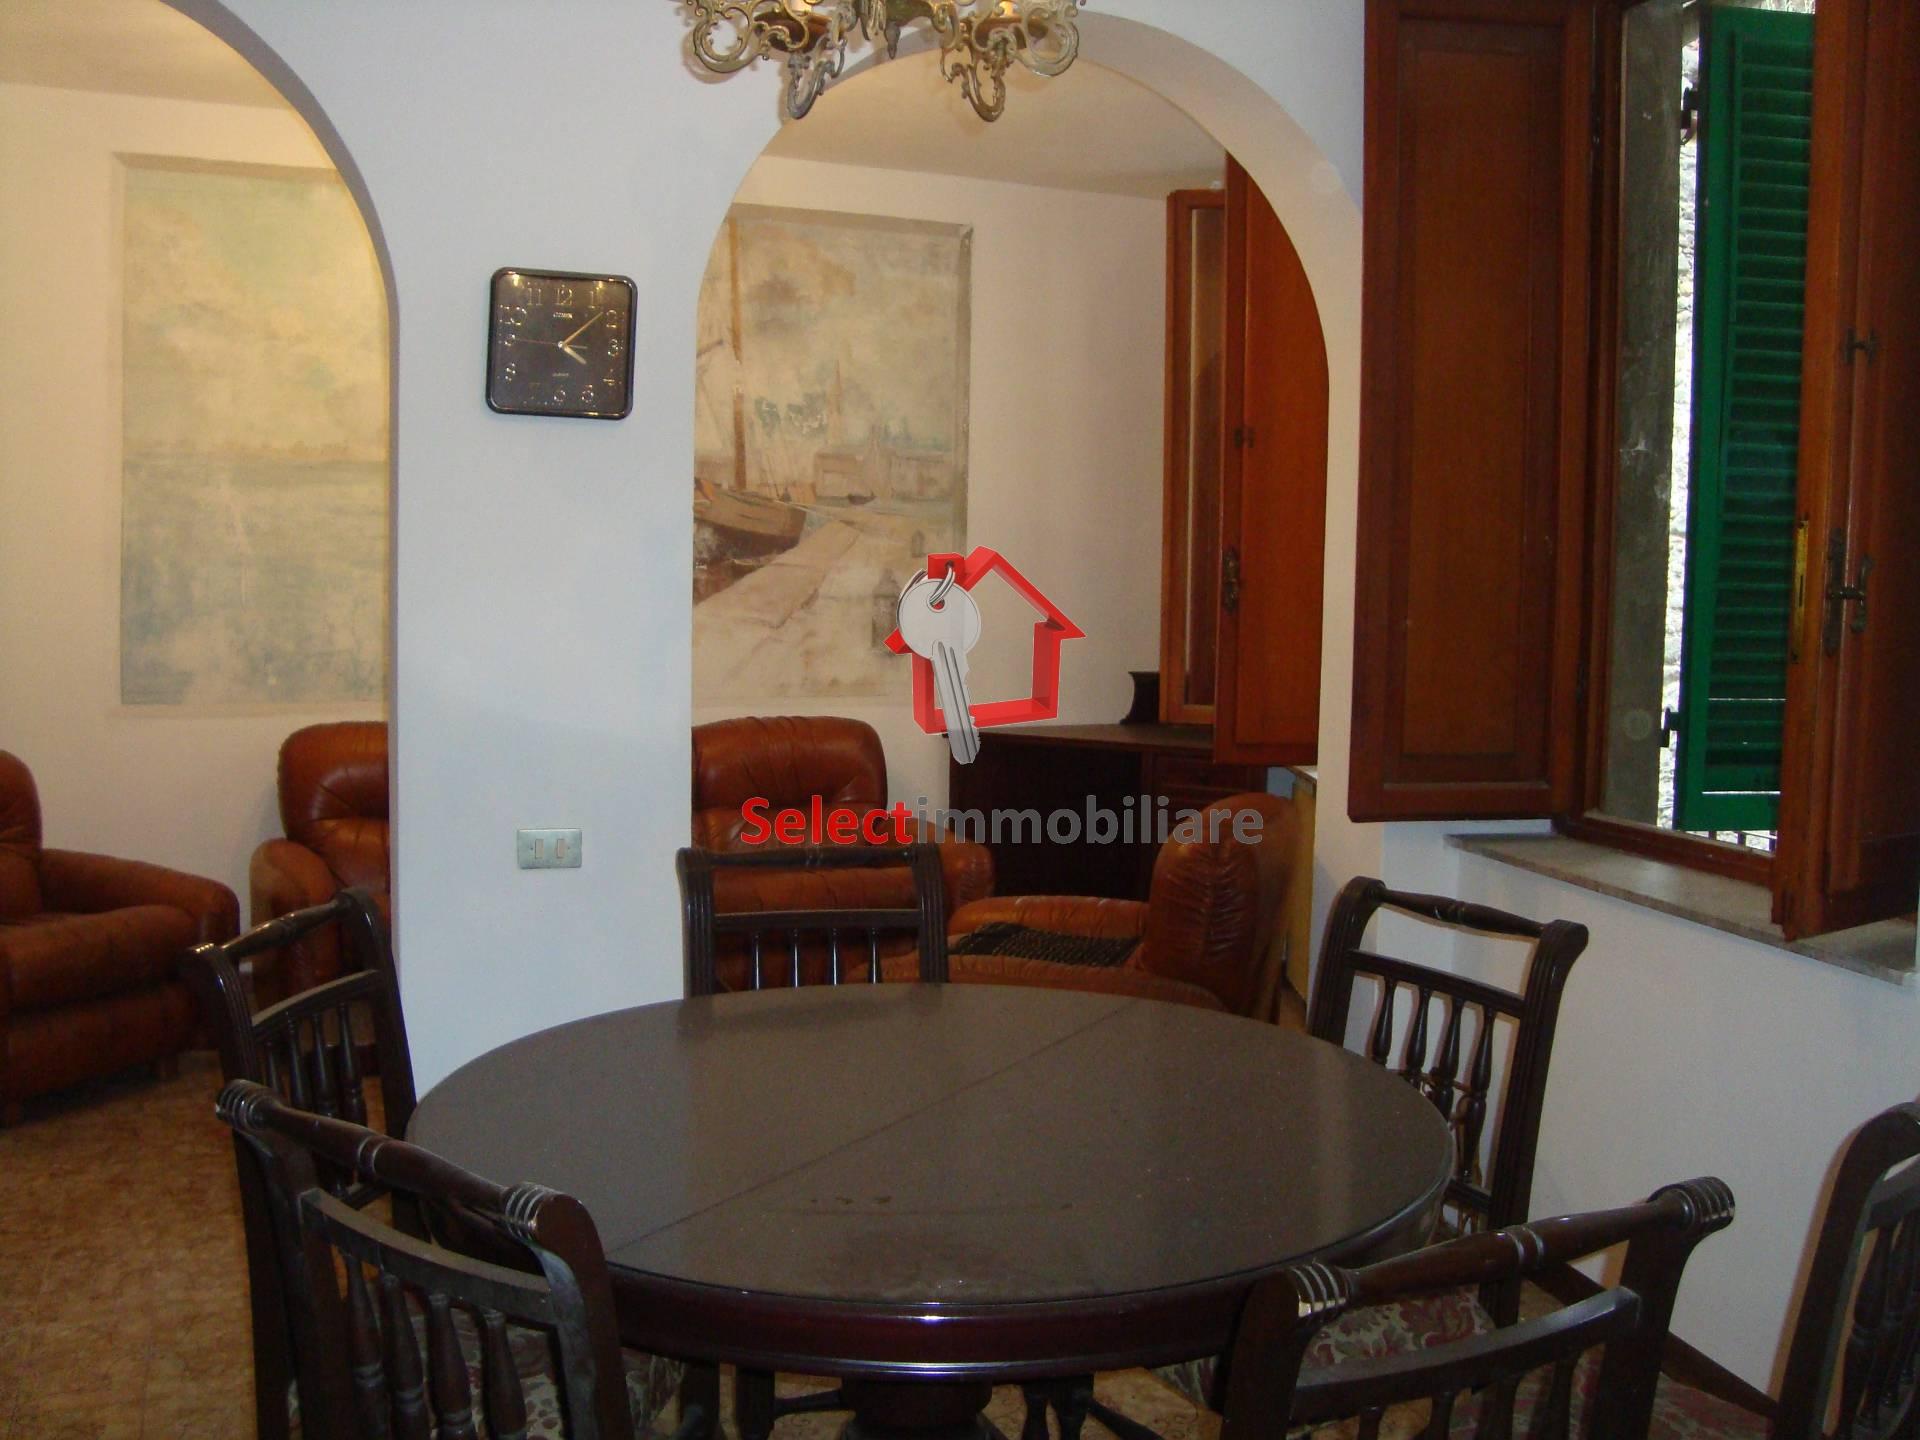 Appartamento in vendita a Borgo a Mozzano, 5 locali, zona Località: capoluogo, prezzo € 150.000 | Cambio Casa.it